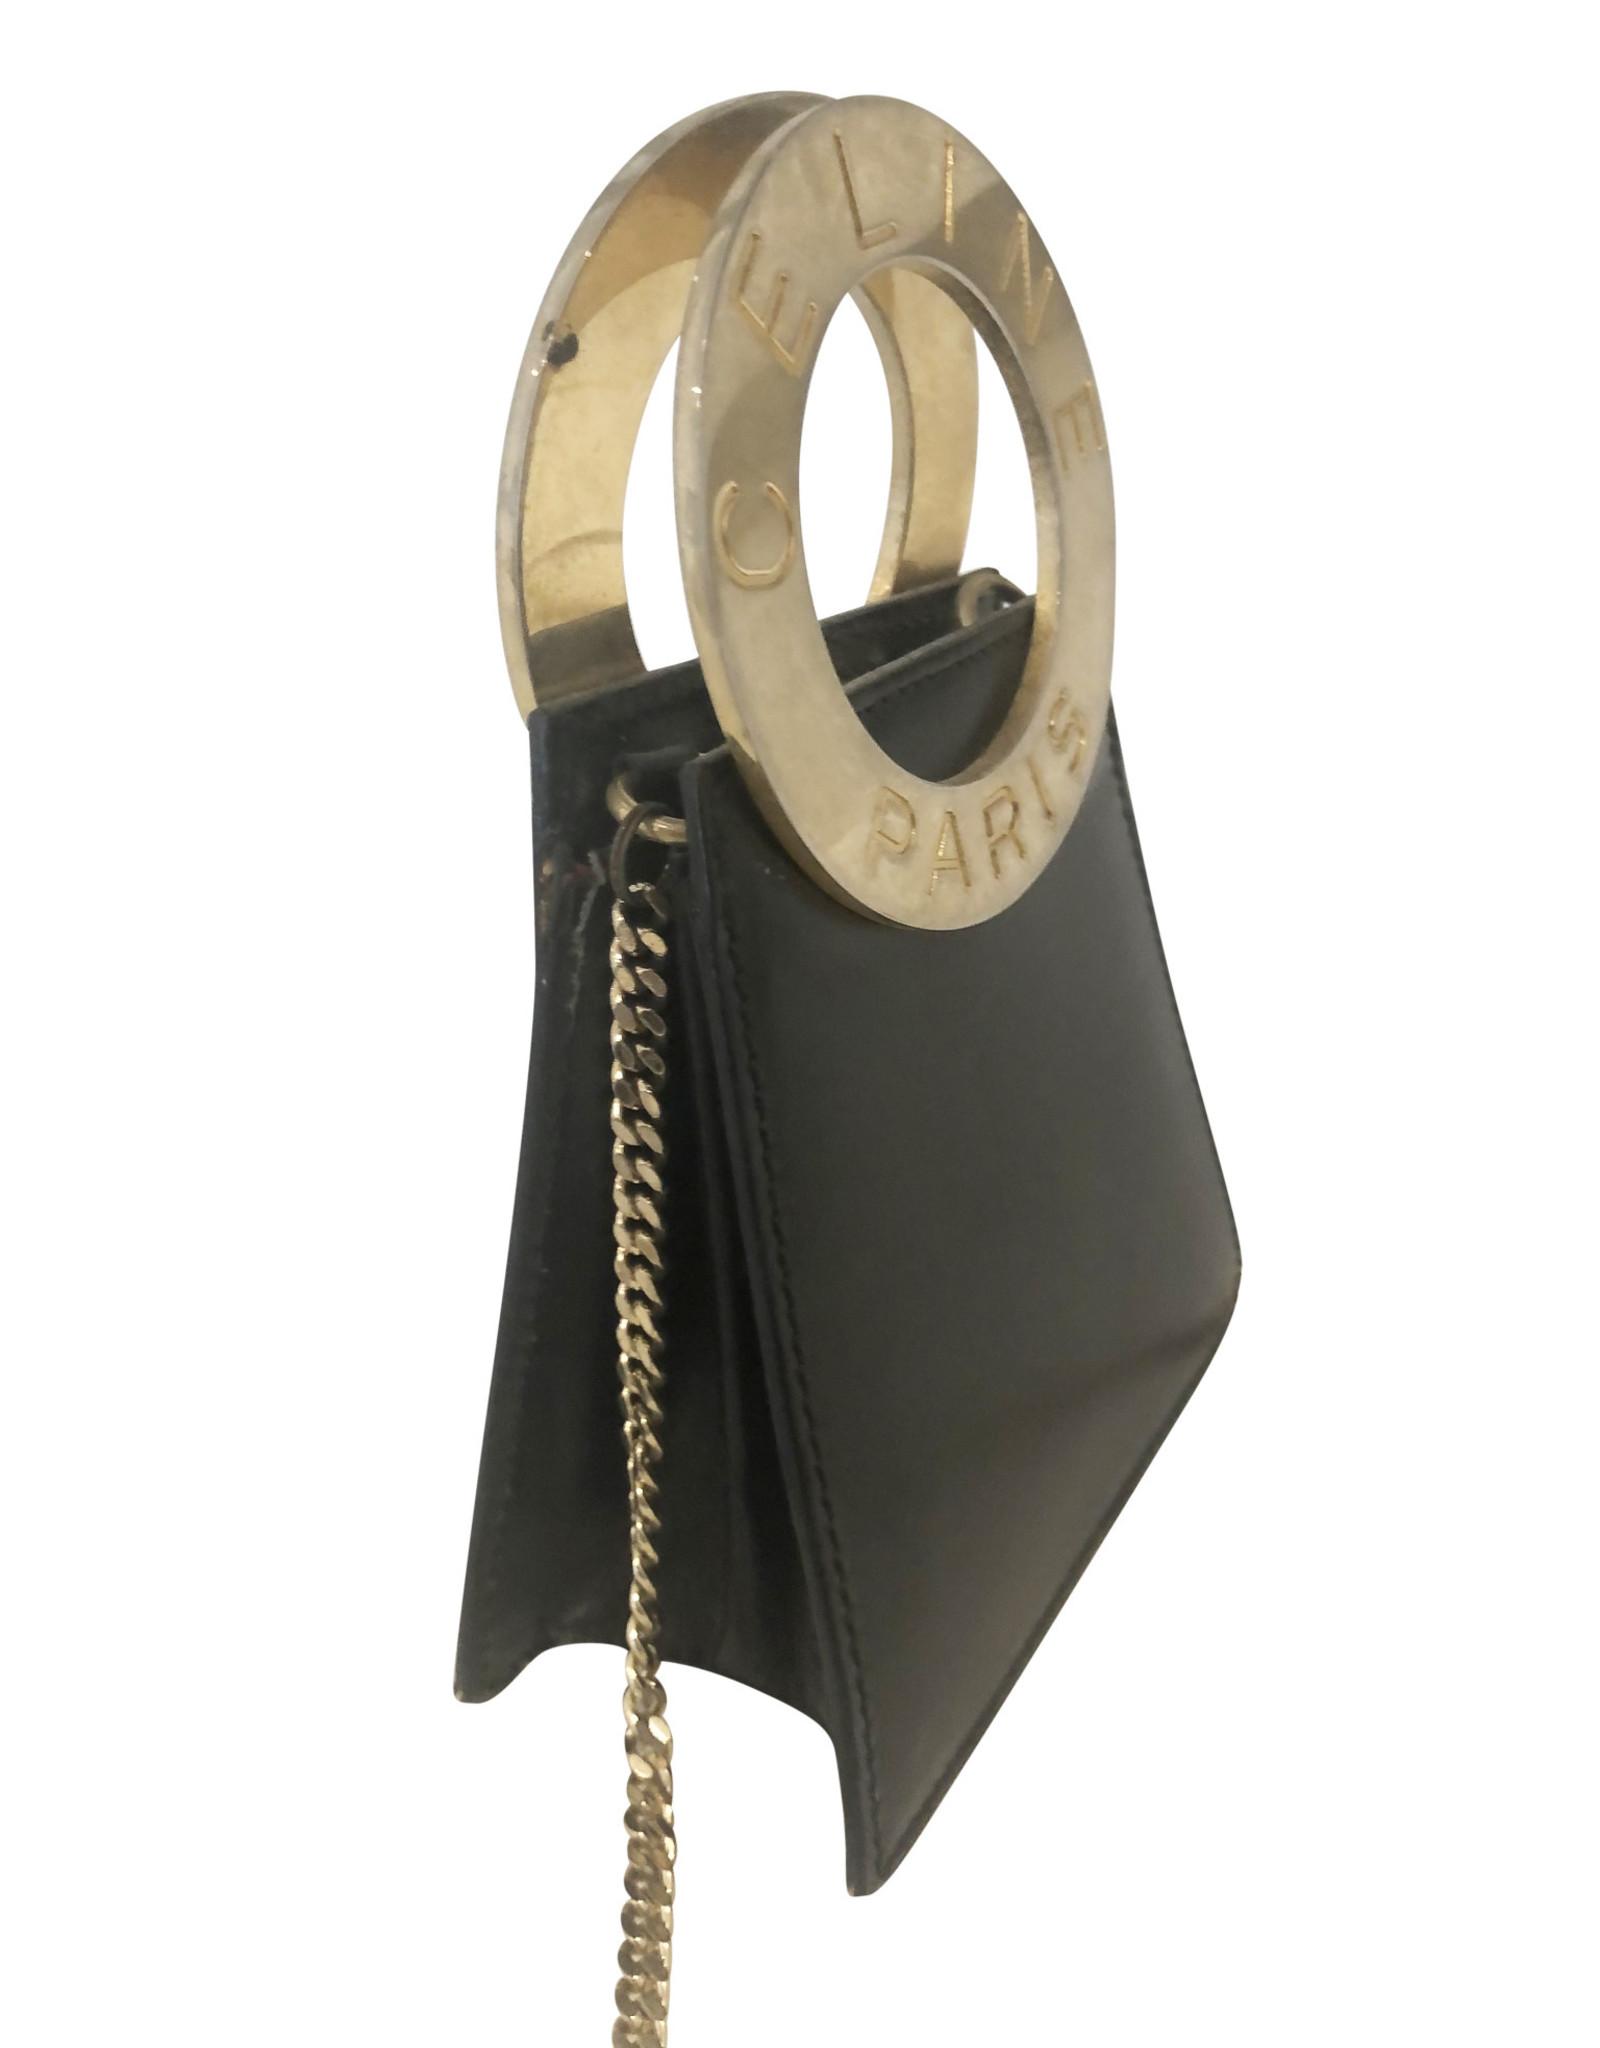 Celine Celine Black & Gold Mini Bag (Vintage)